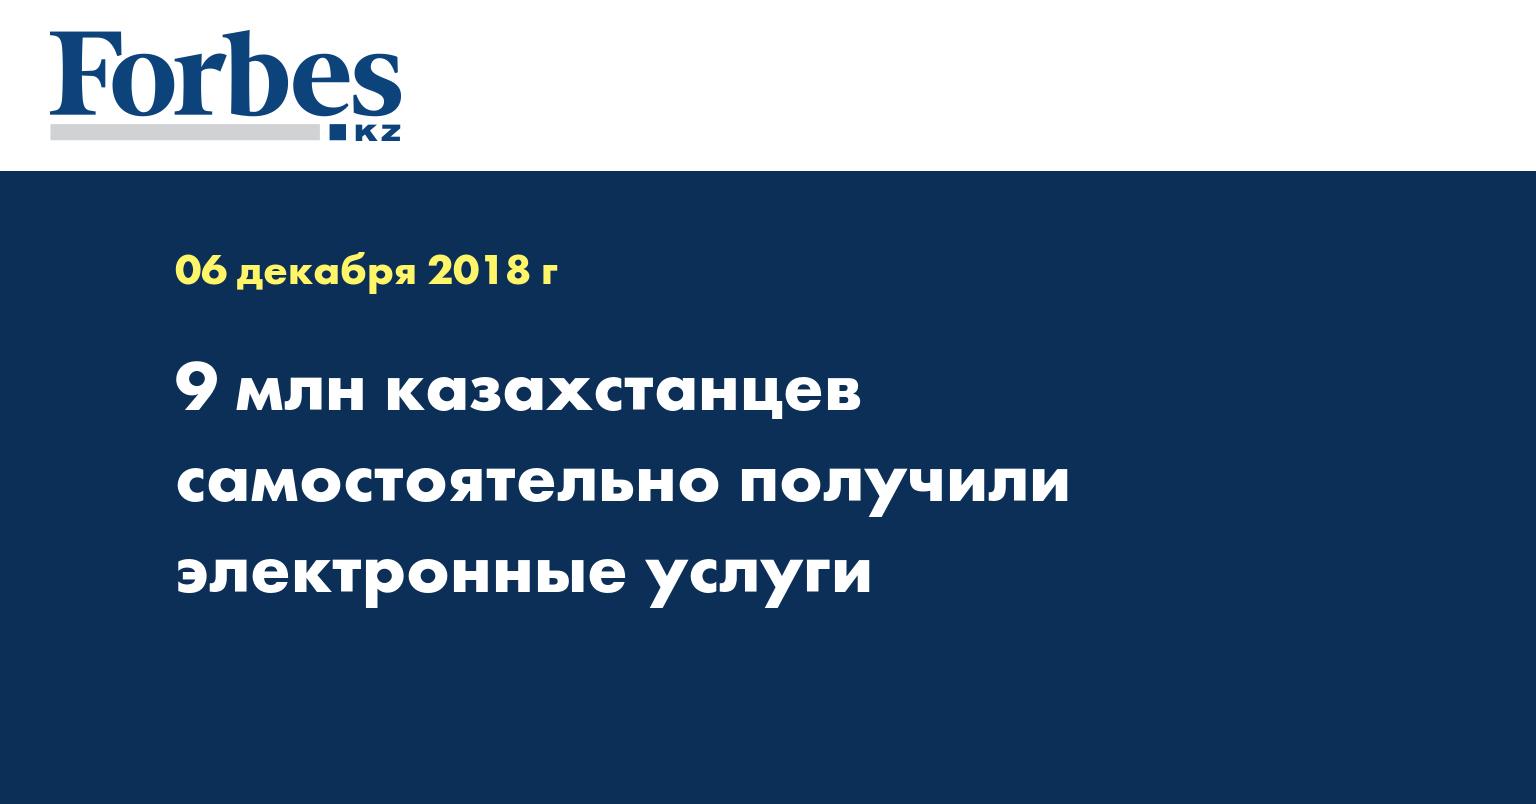 9 млн казахстанцев самостоятельно получили электронные услуги